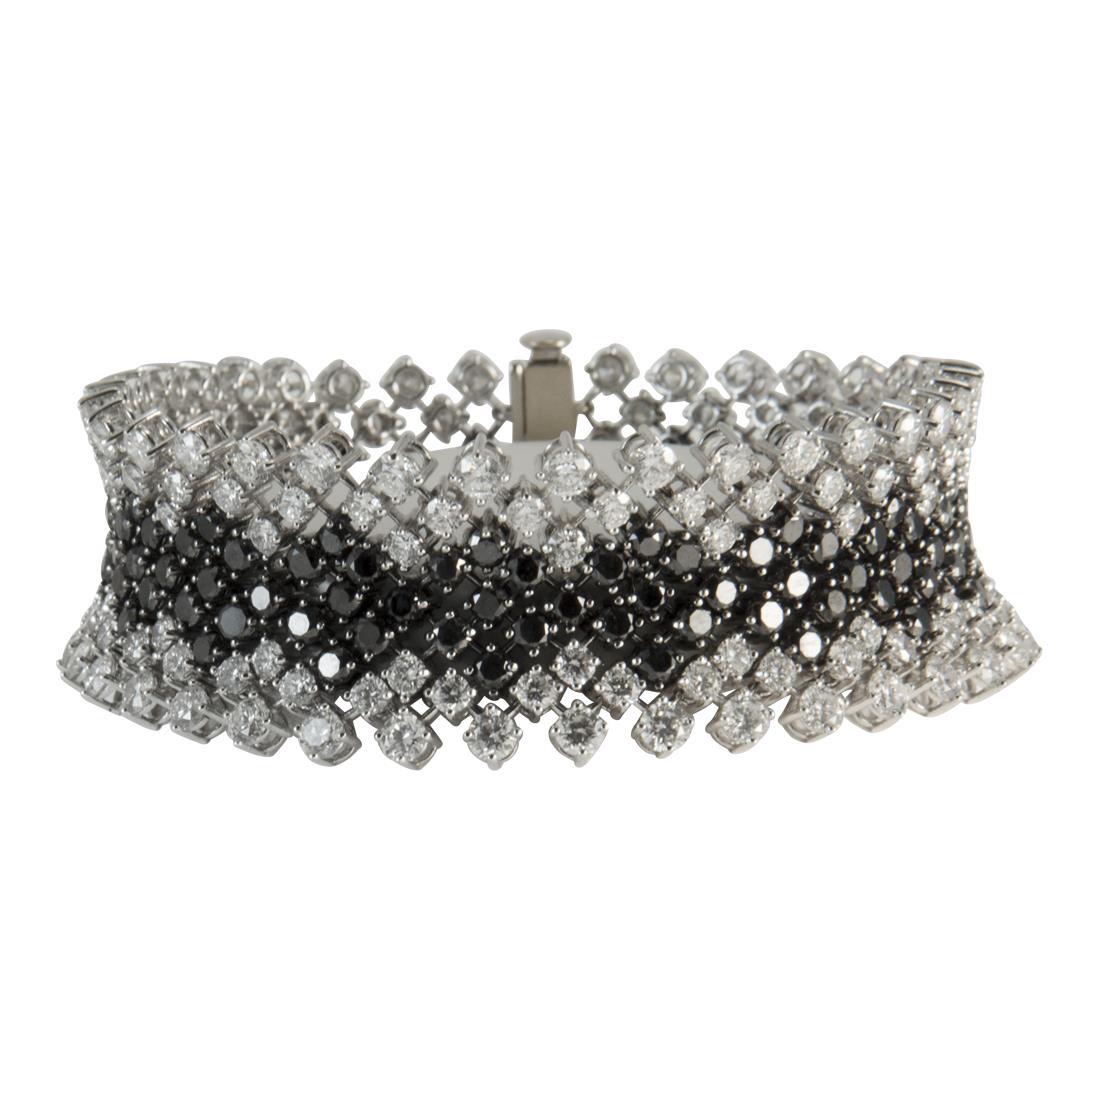 Bracciale  in oro bianco con diamanti ct 15.30 e diamanti neri ct 11.00 - ALFIERI ST JOHN